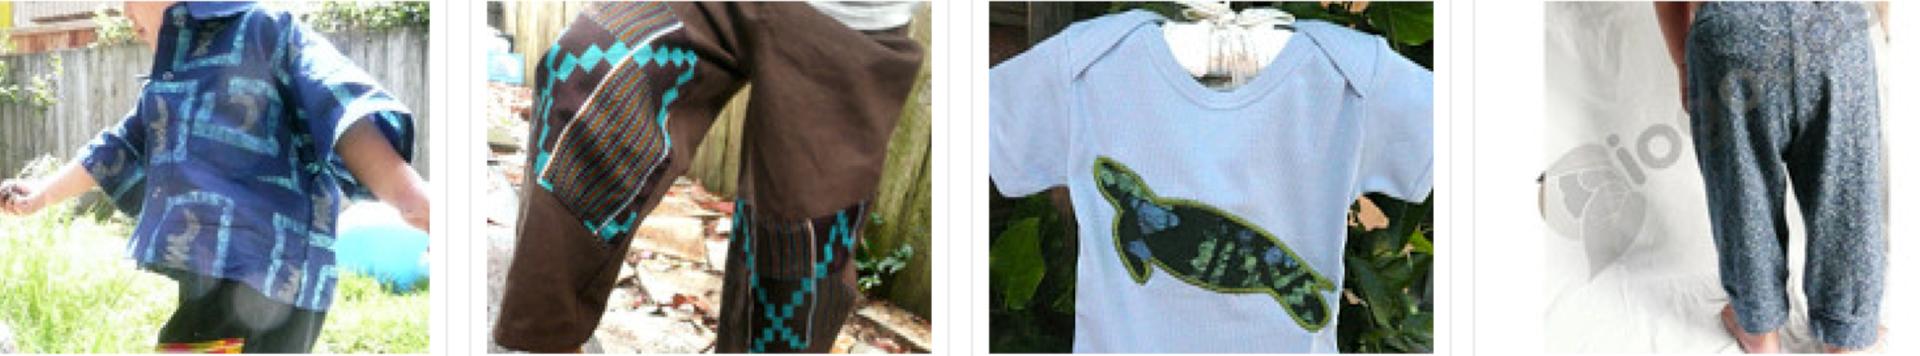 hemp clothing, African batik clothing, kids organic